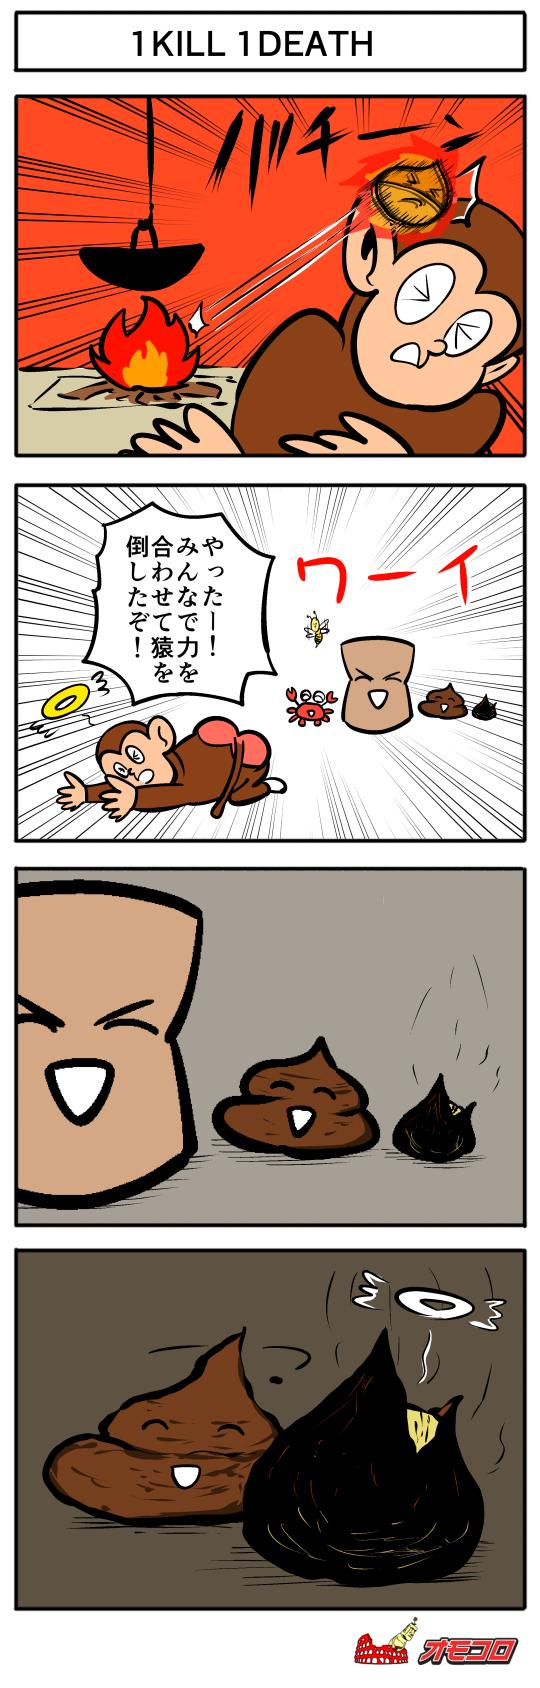 【4コマ漫画】1KILL 1DEATH